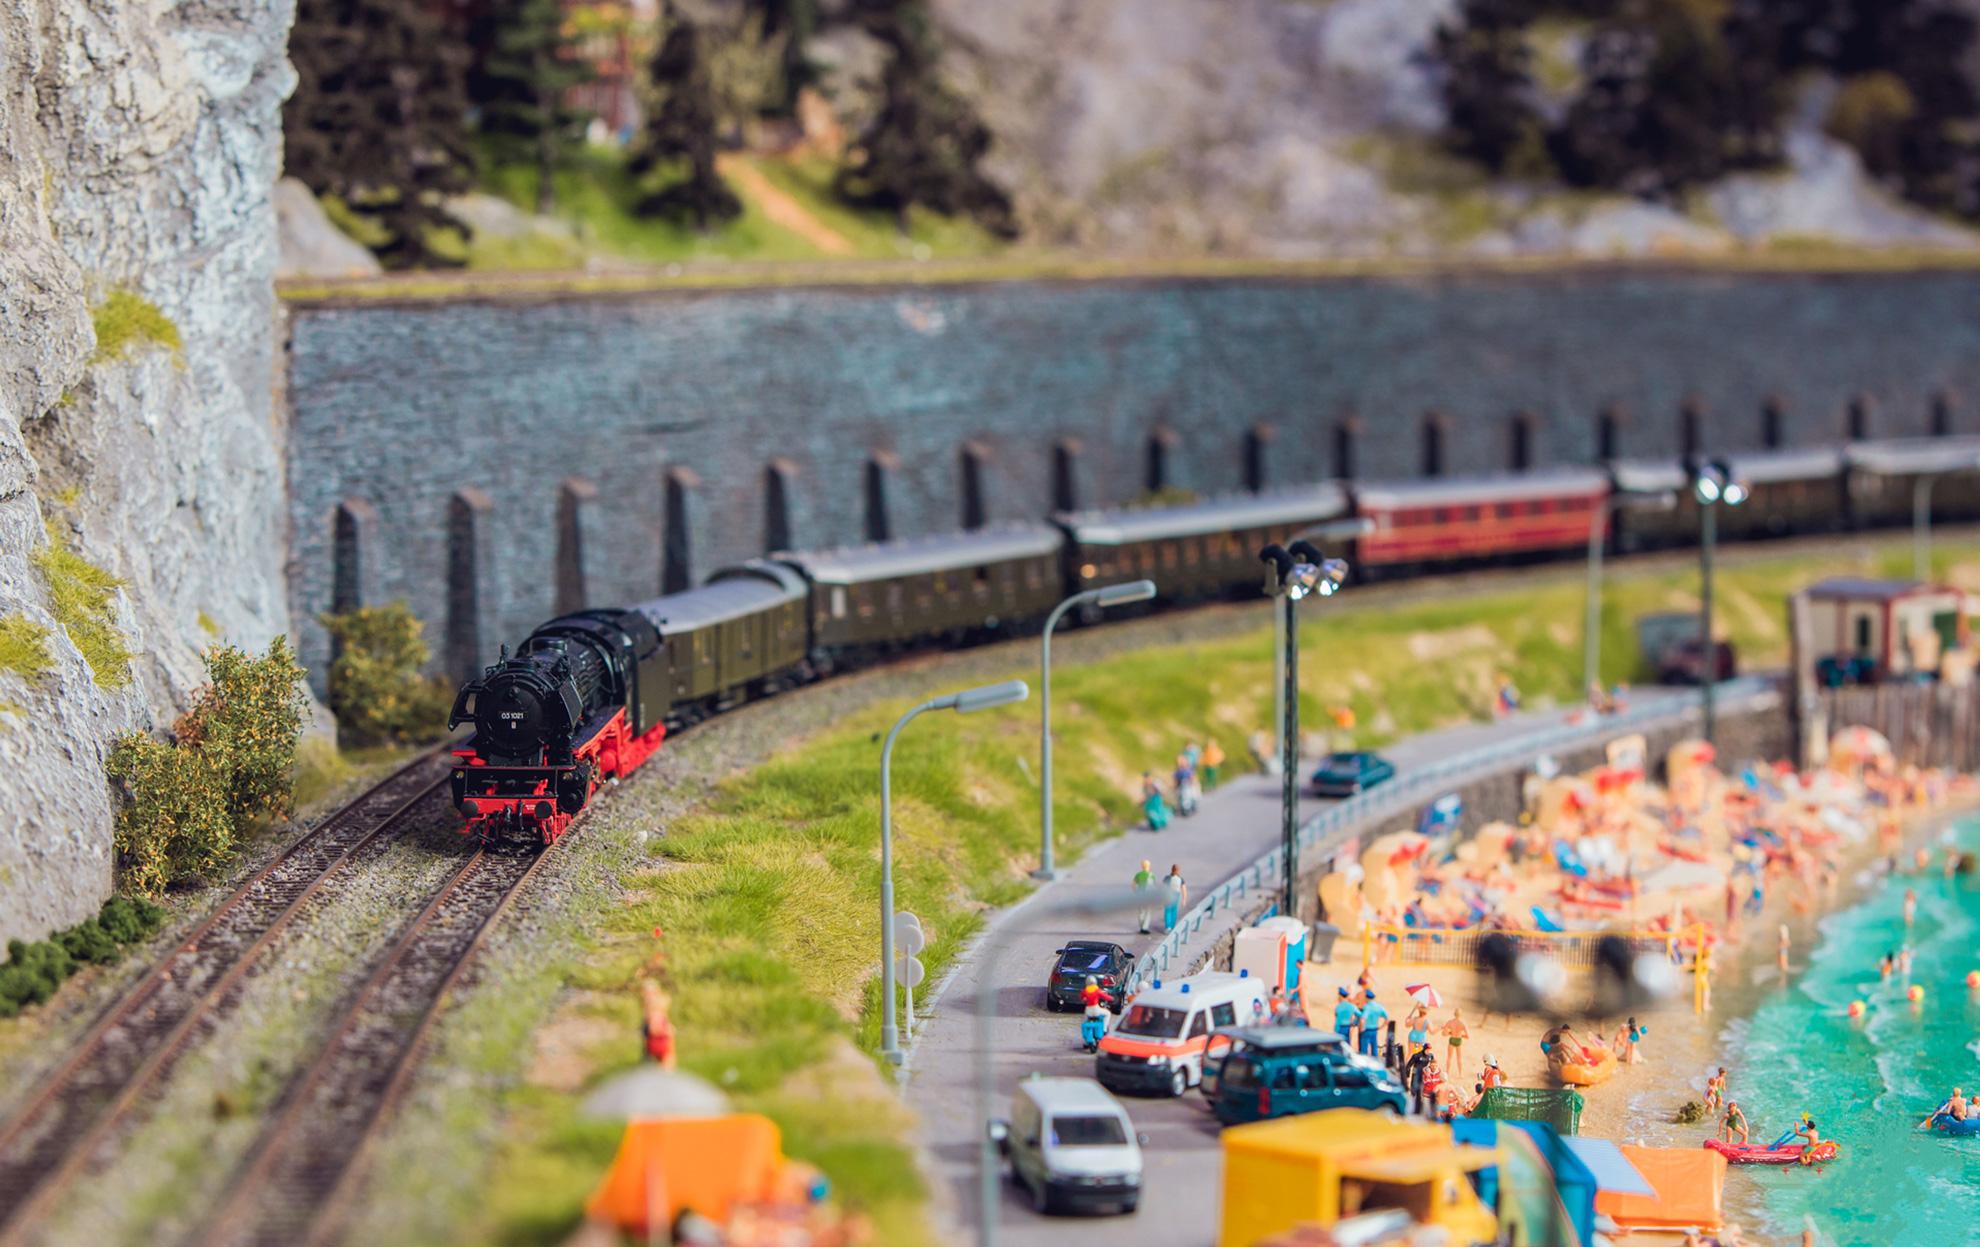 上海大梦微城火车模型迷你世界主题乐园